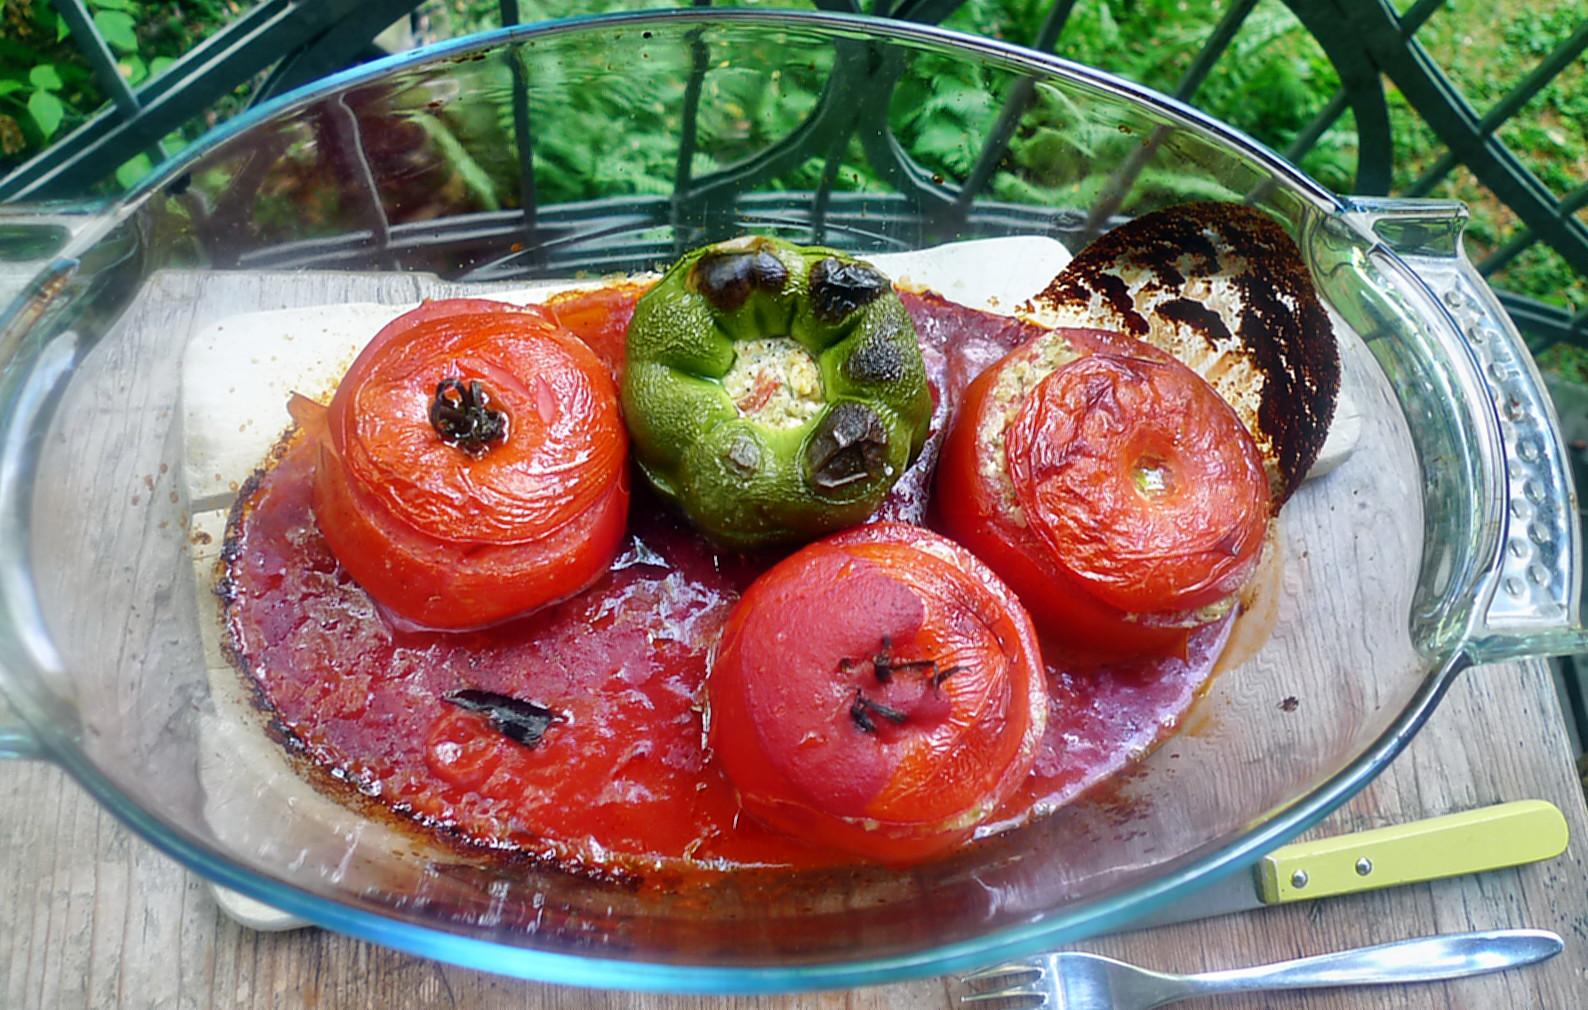 Gefüllte Tomaten,Gurkengemüse,Champignon,Zucchini,Reis-24.7.14   (8)